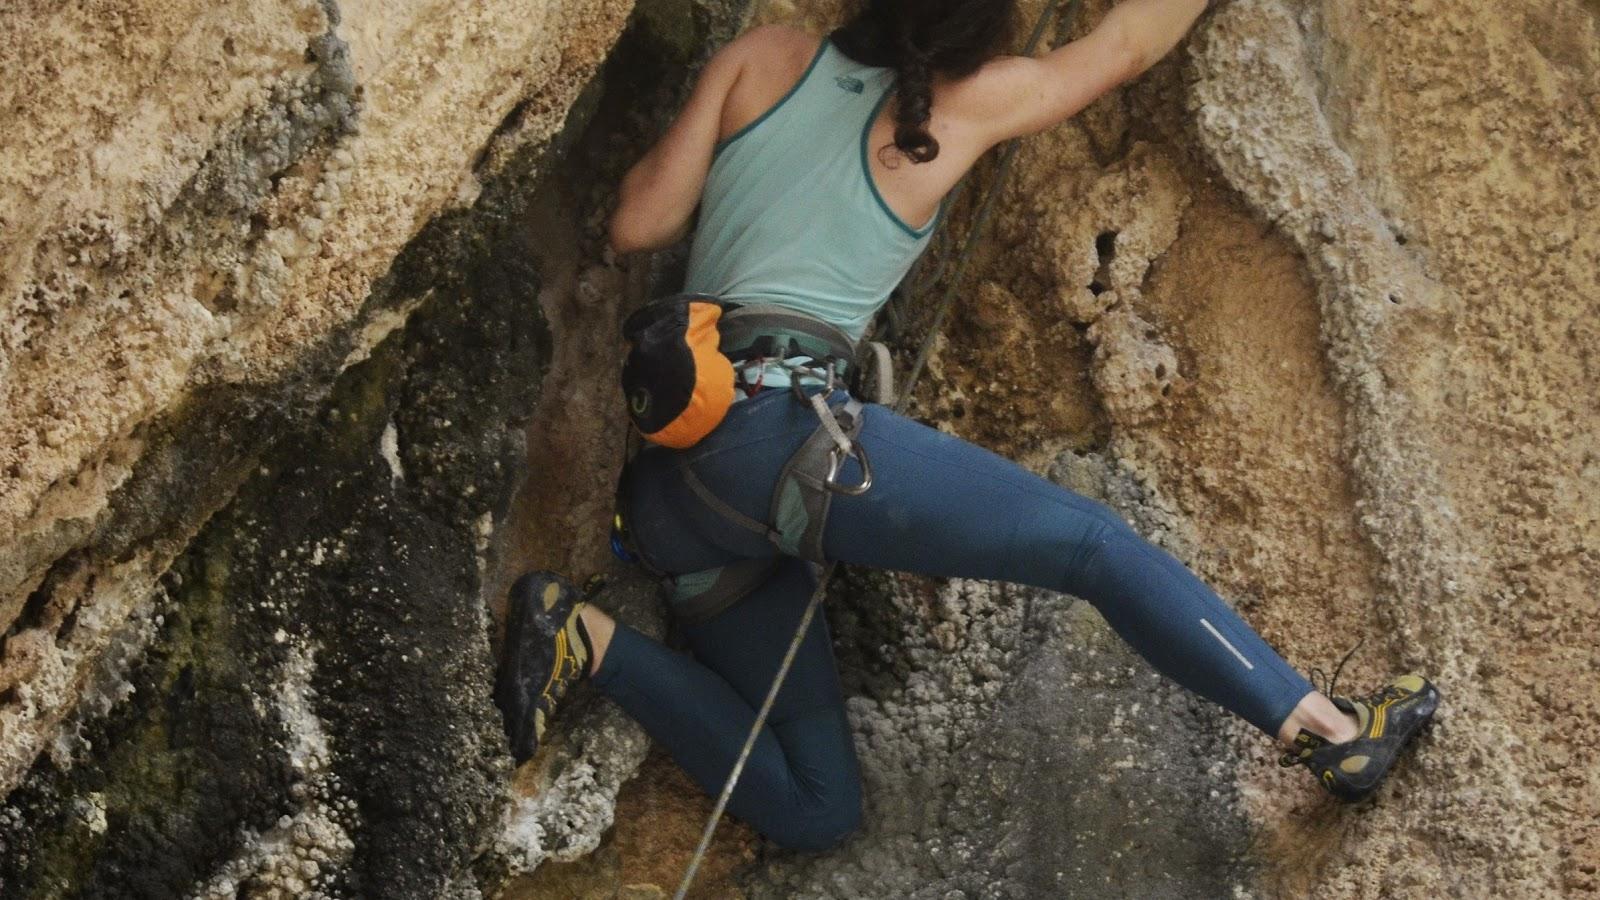 kaya tırmanışı teknikleri diz düşürme drop knee